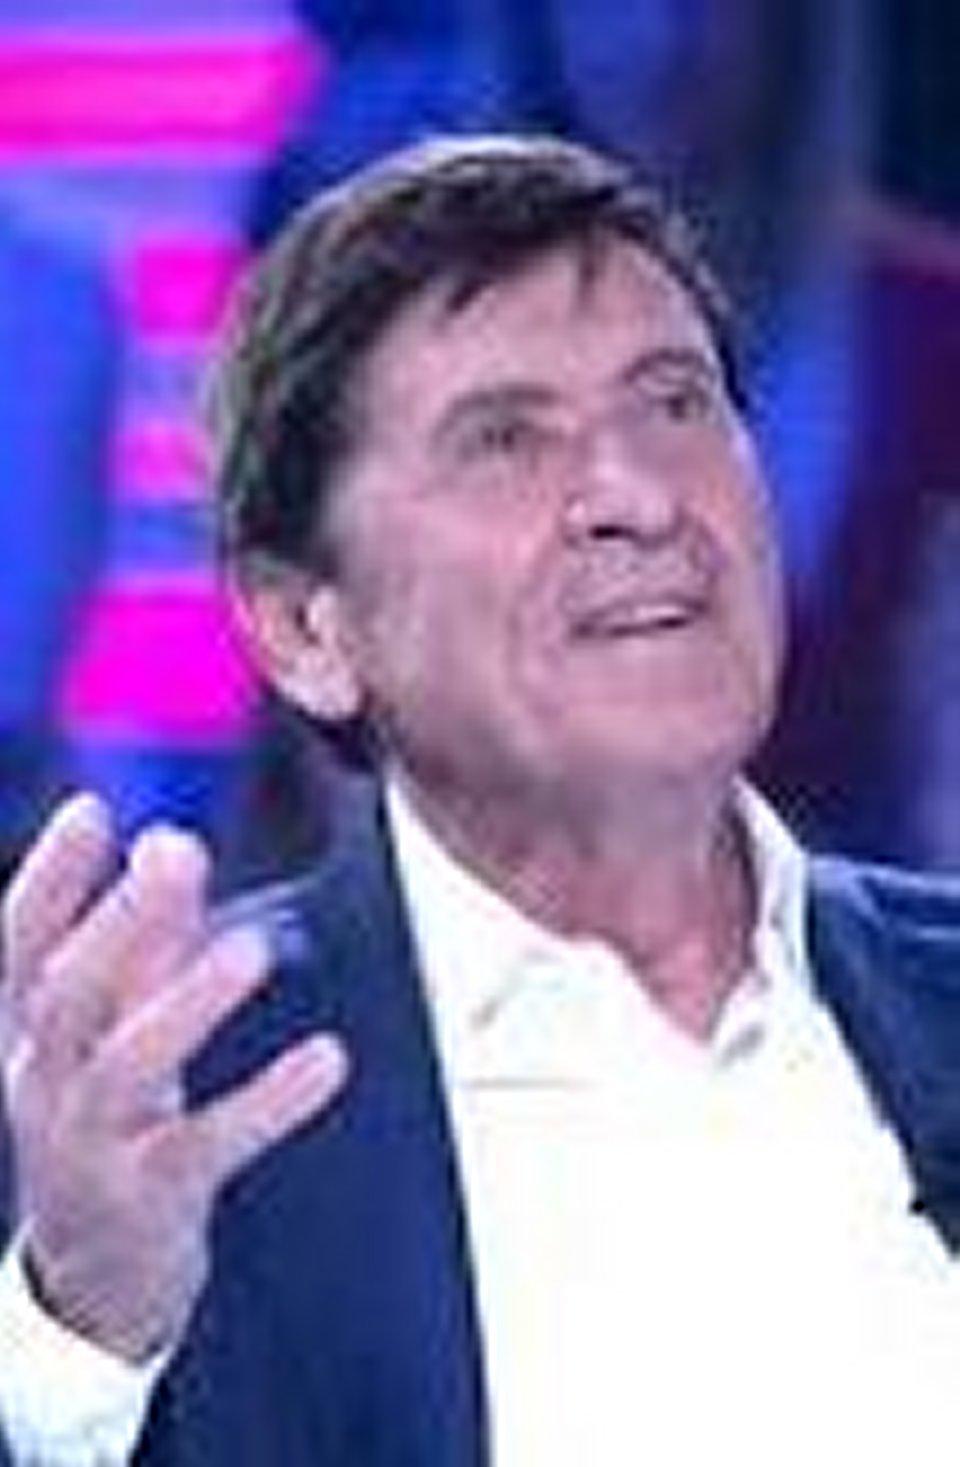 Gianni Morandi fa commuovere la Toffanin quando parla della figlia morta